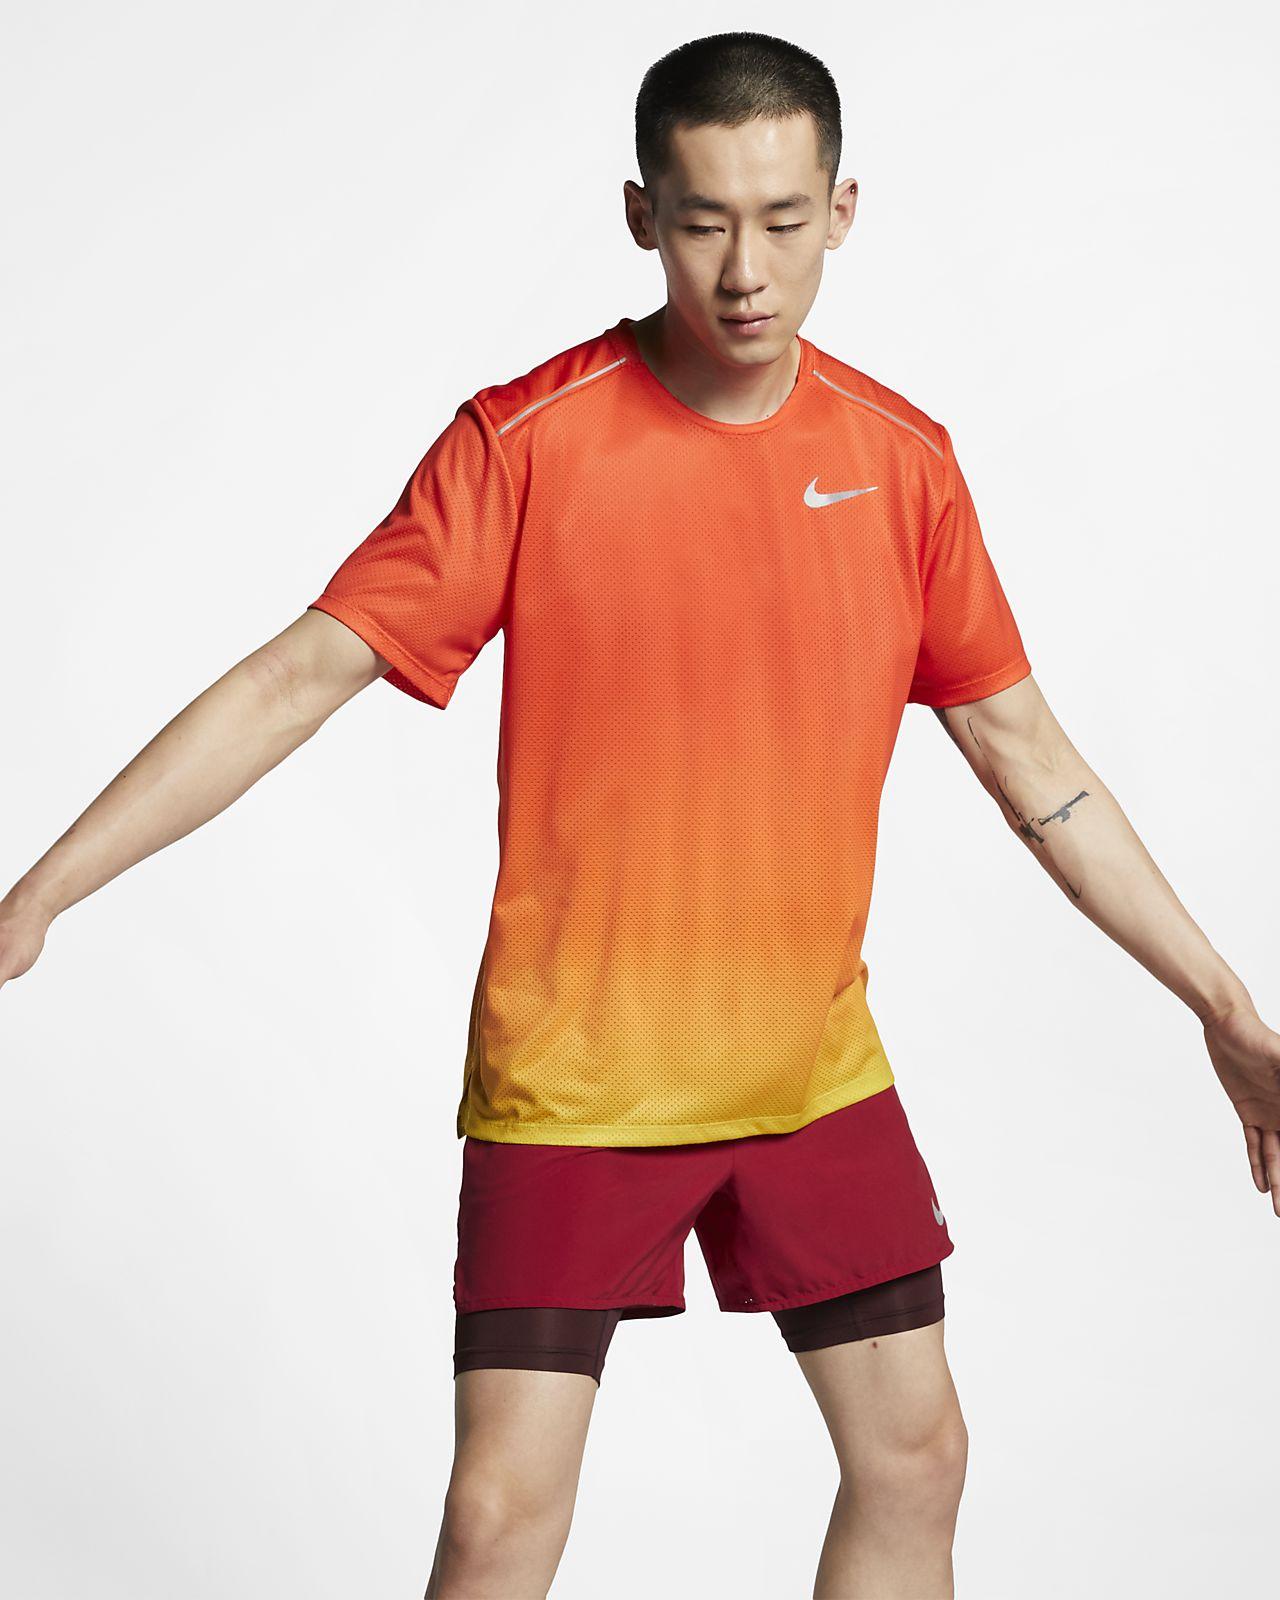 Nike Dri-FIT Miler Kısa Kollu Baskılı Erkek Koşu Üstü